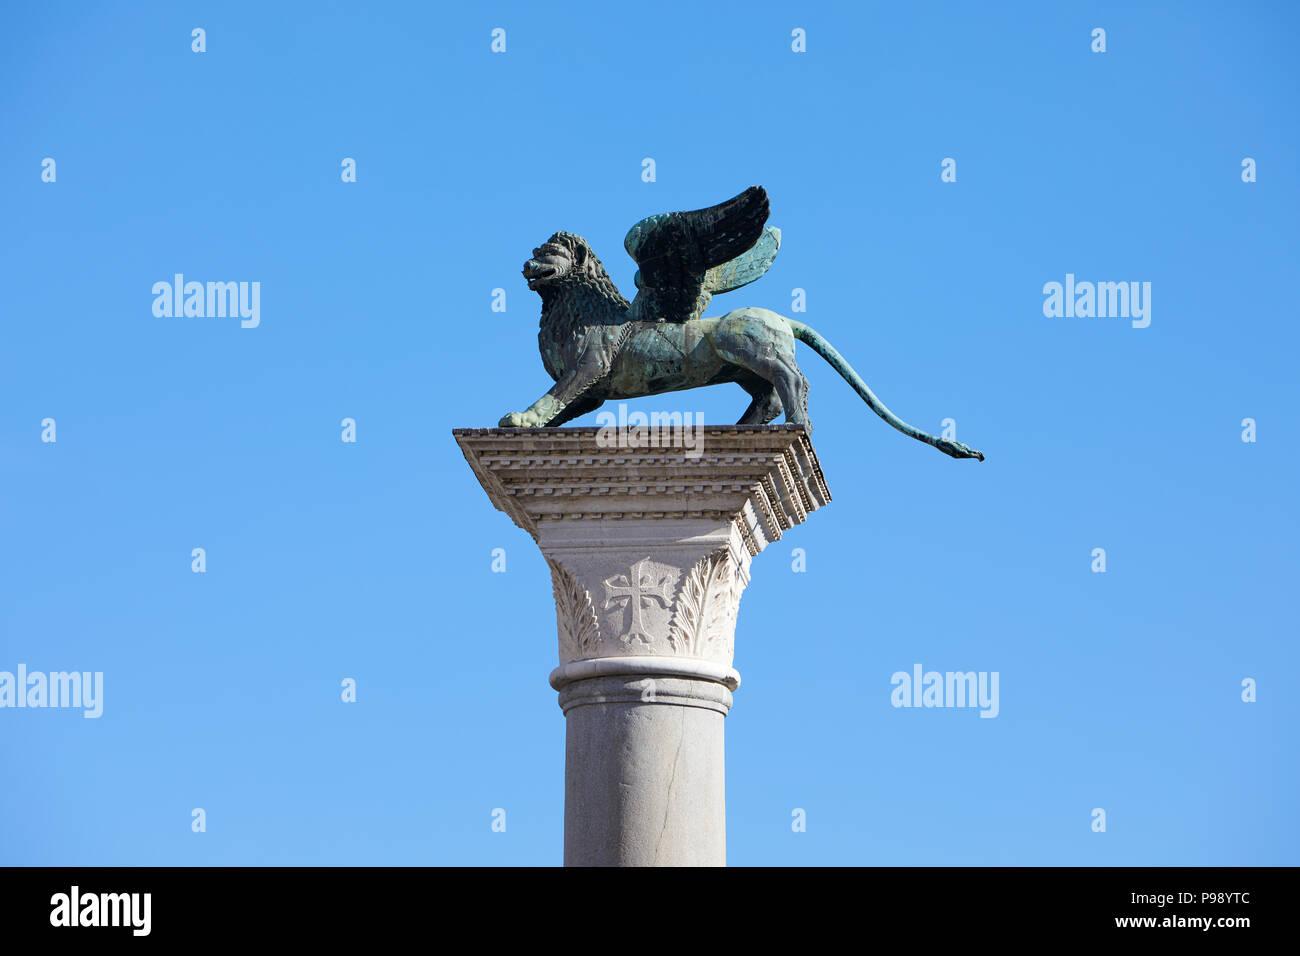 Leone alato statua, simbolo di Venezia in una giornata di sole e cielo blu in Italia Immagini Stock